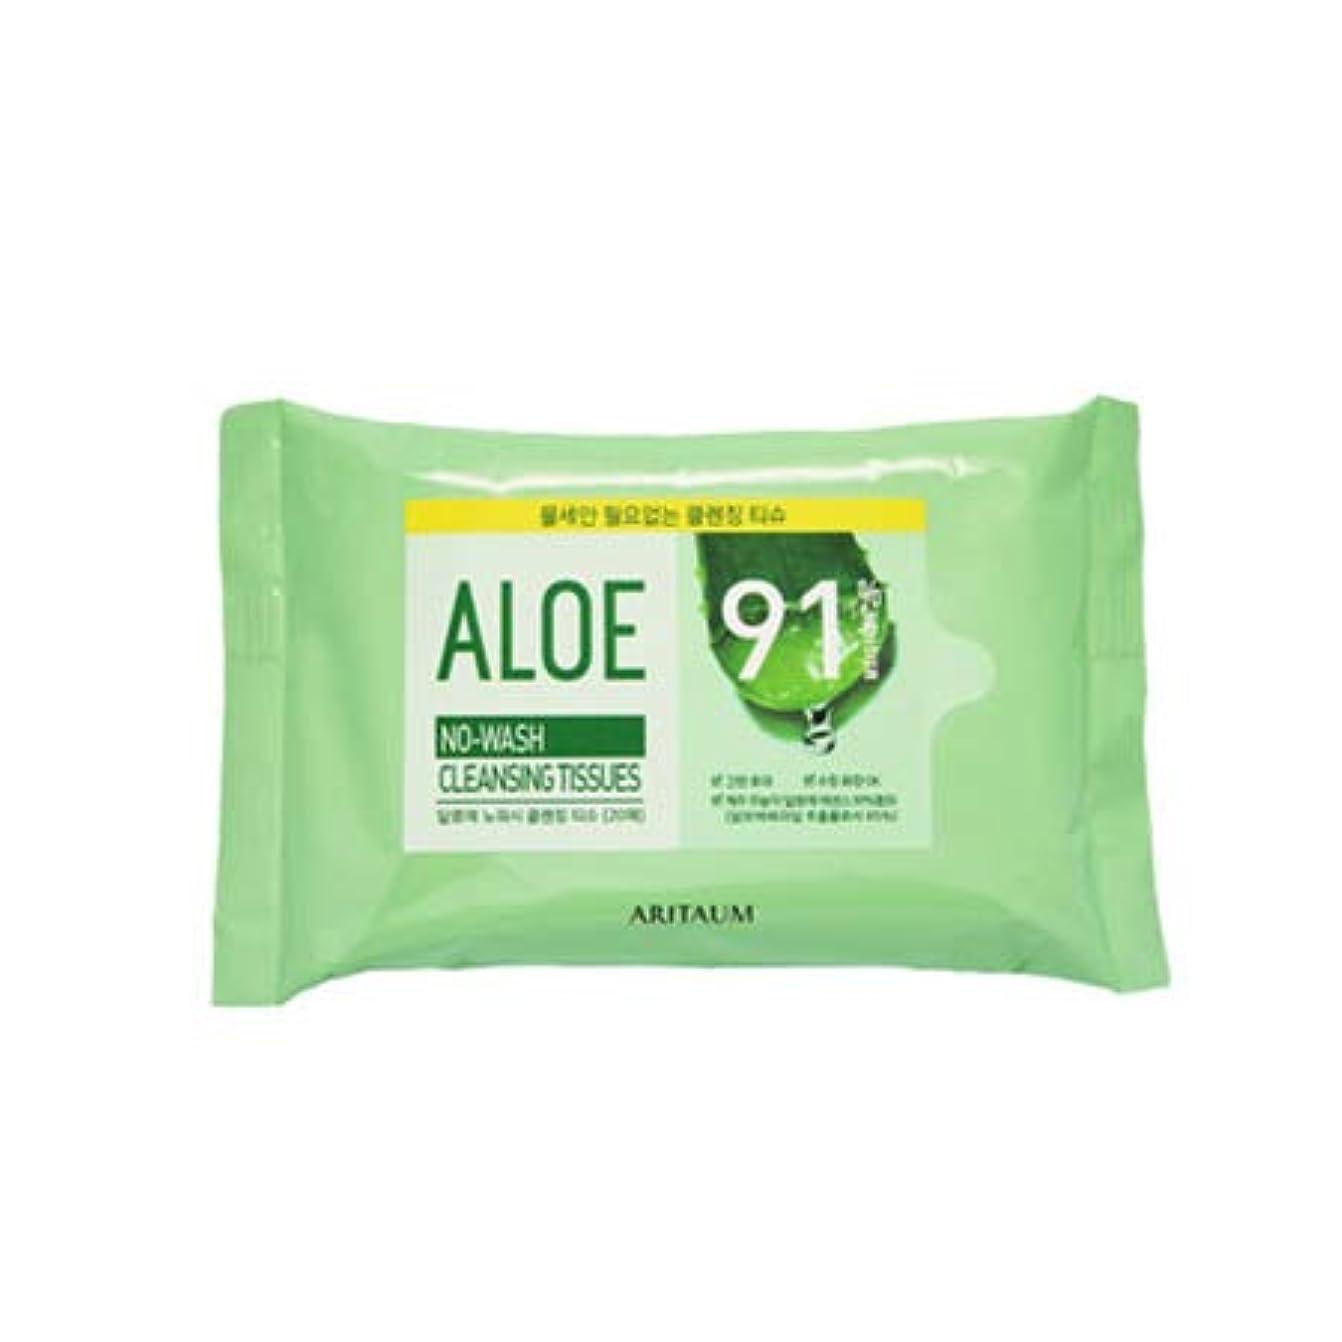 内陸不足メロディアス【アリタウム.aritaum]アロエノーウォッシュクレンジングティッシュ20枚(2019.07 new)×2ea/ aloe no wash clwansing tissue(20sheet×2ea) (20 sheet)